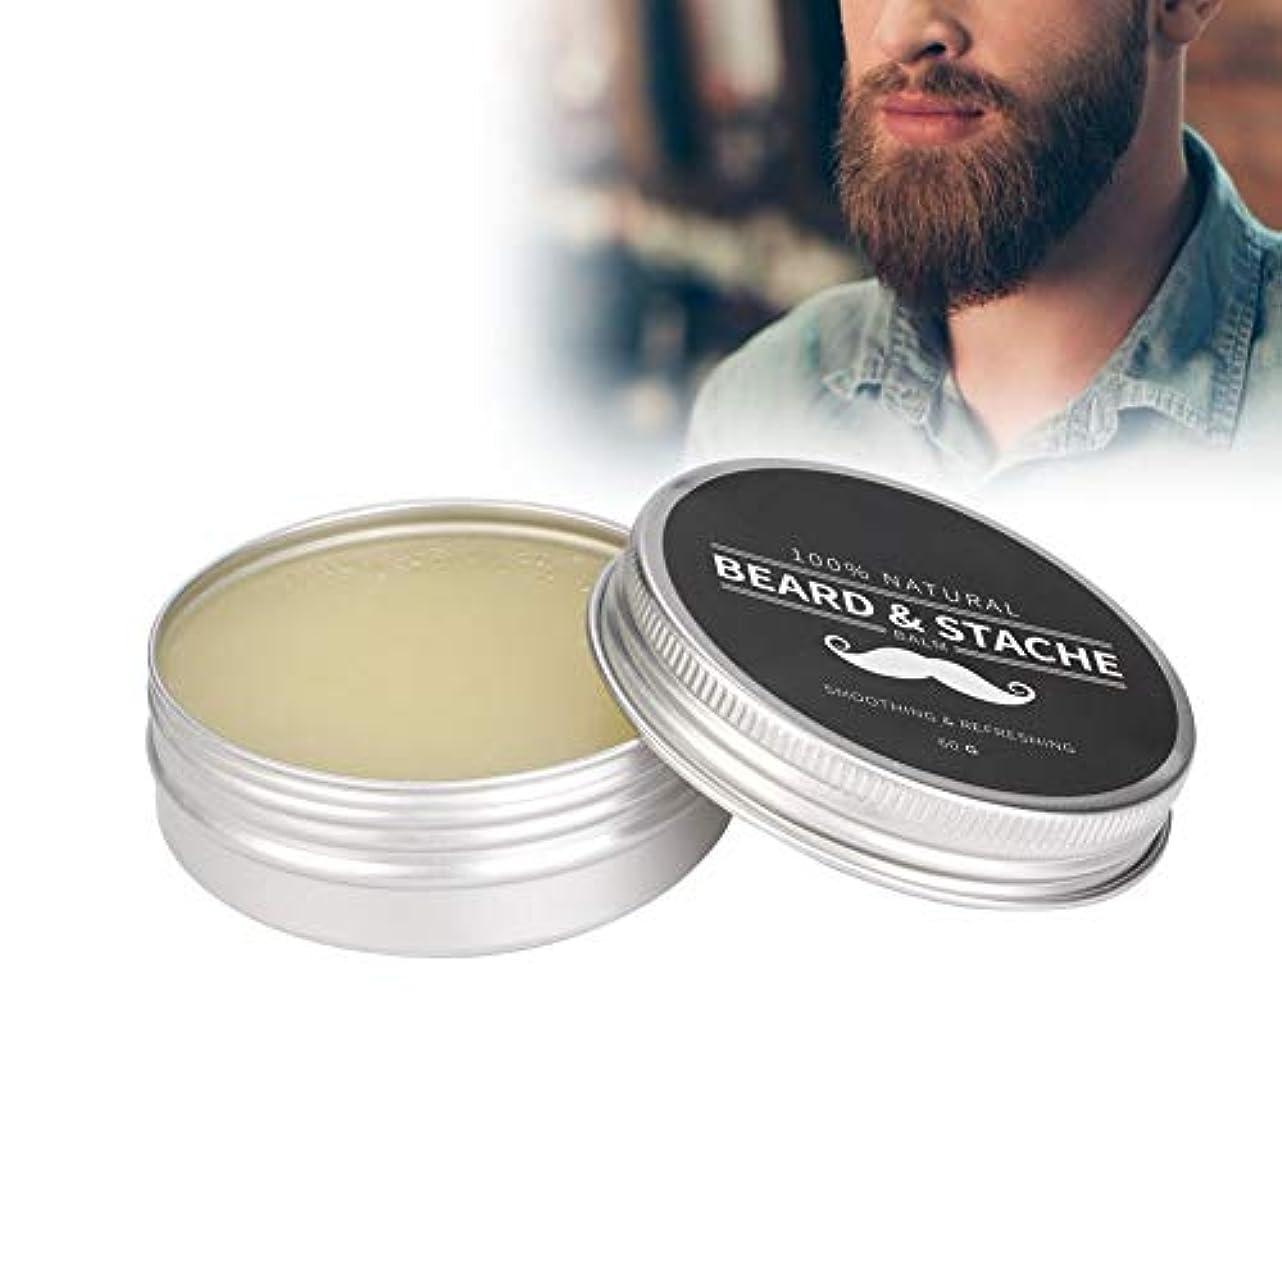 拳曲がった石膏ひげのワックス、保湿となめらかな柔軟剤口ひげのケアクリームは使用する男性のための分岐とひげの損失を防ぐのに役立ちます